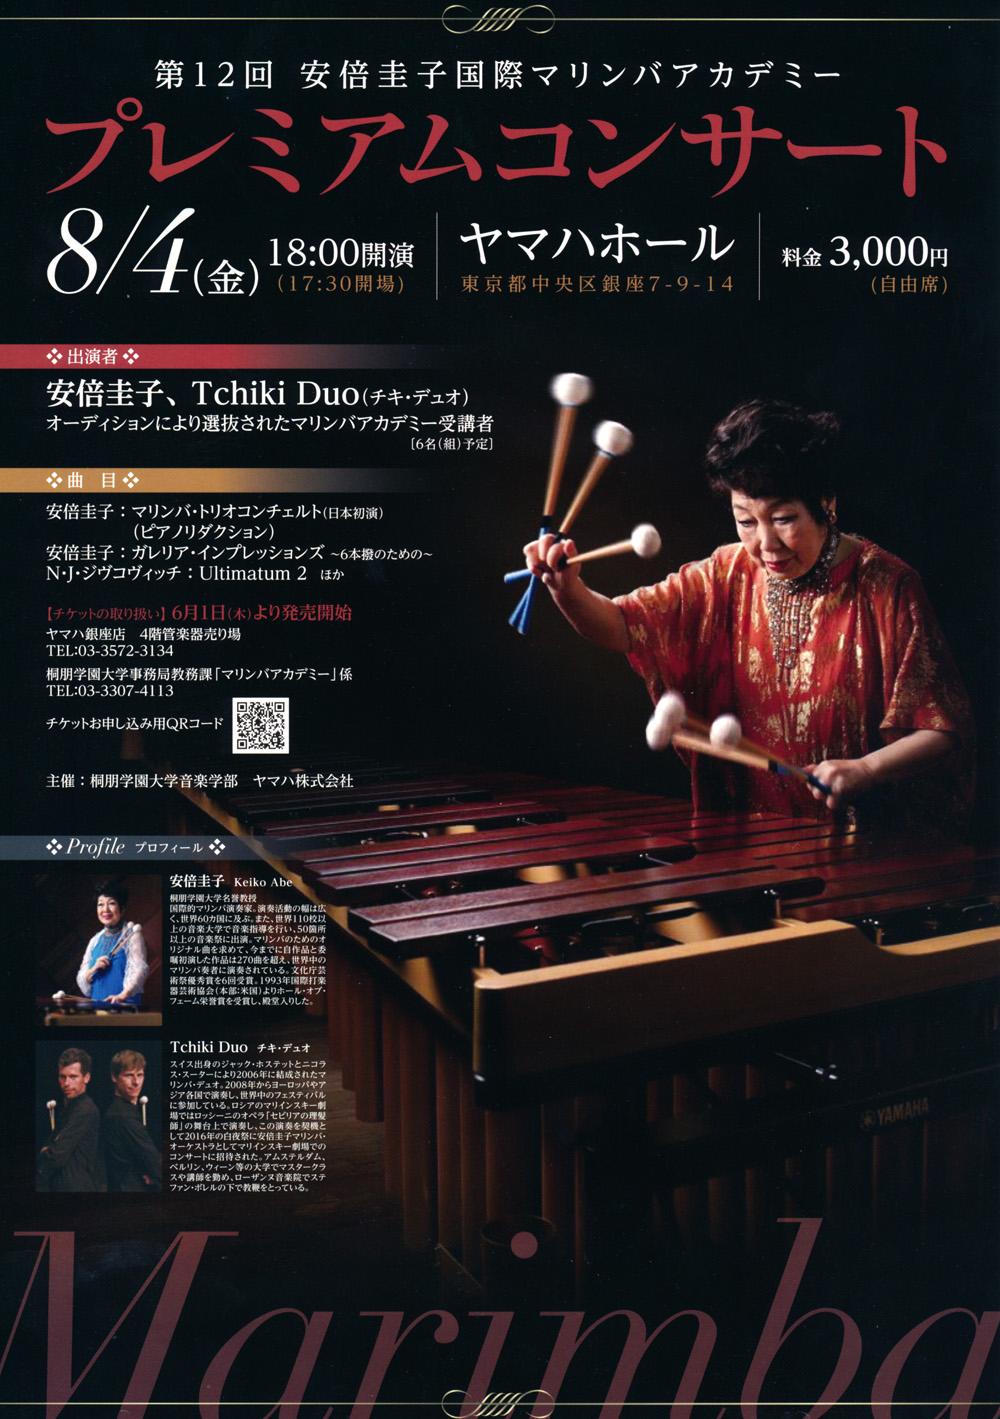 第12回 安倍圭子国際マリンバアカデミー プレミアムコンサート